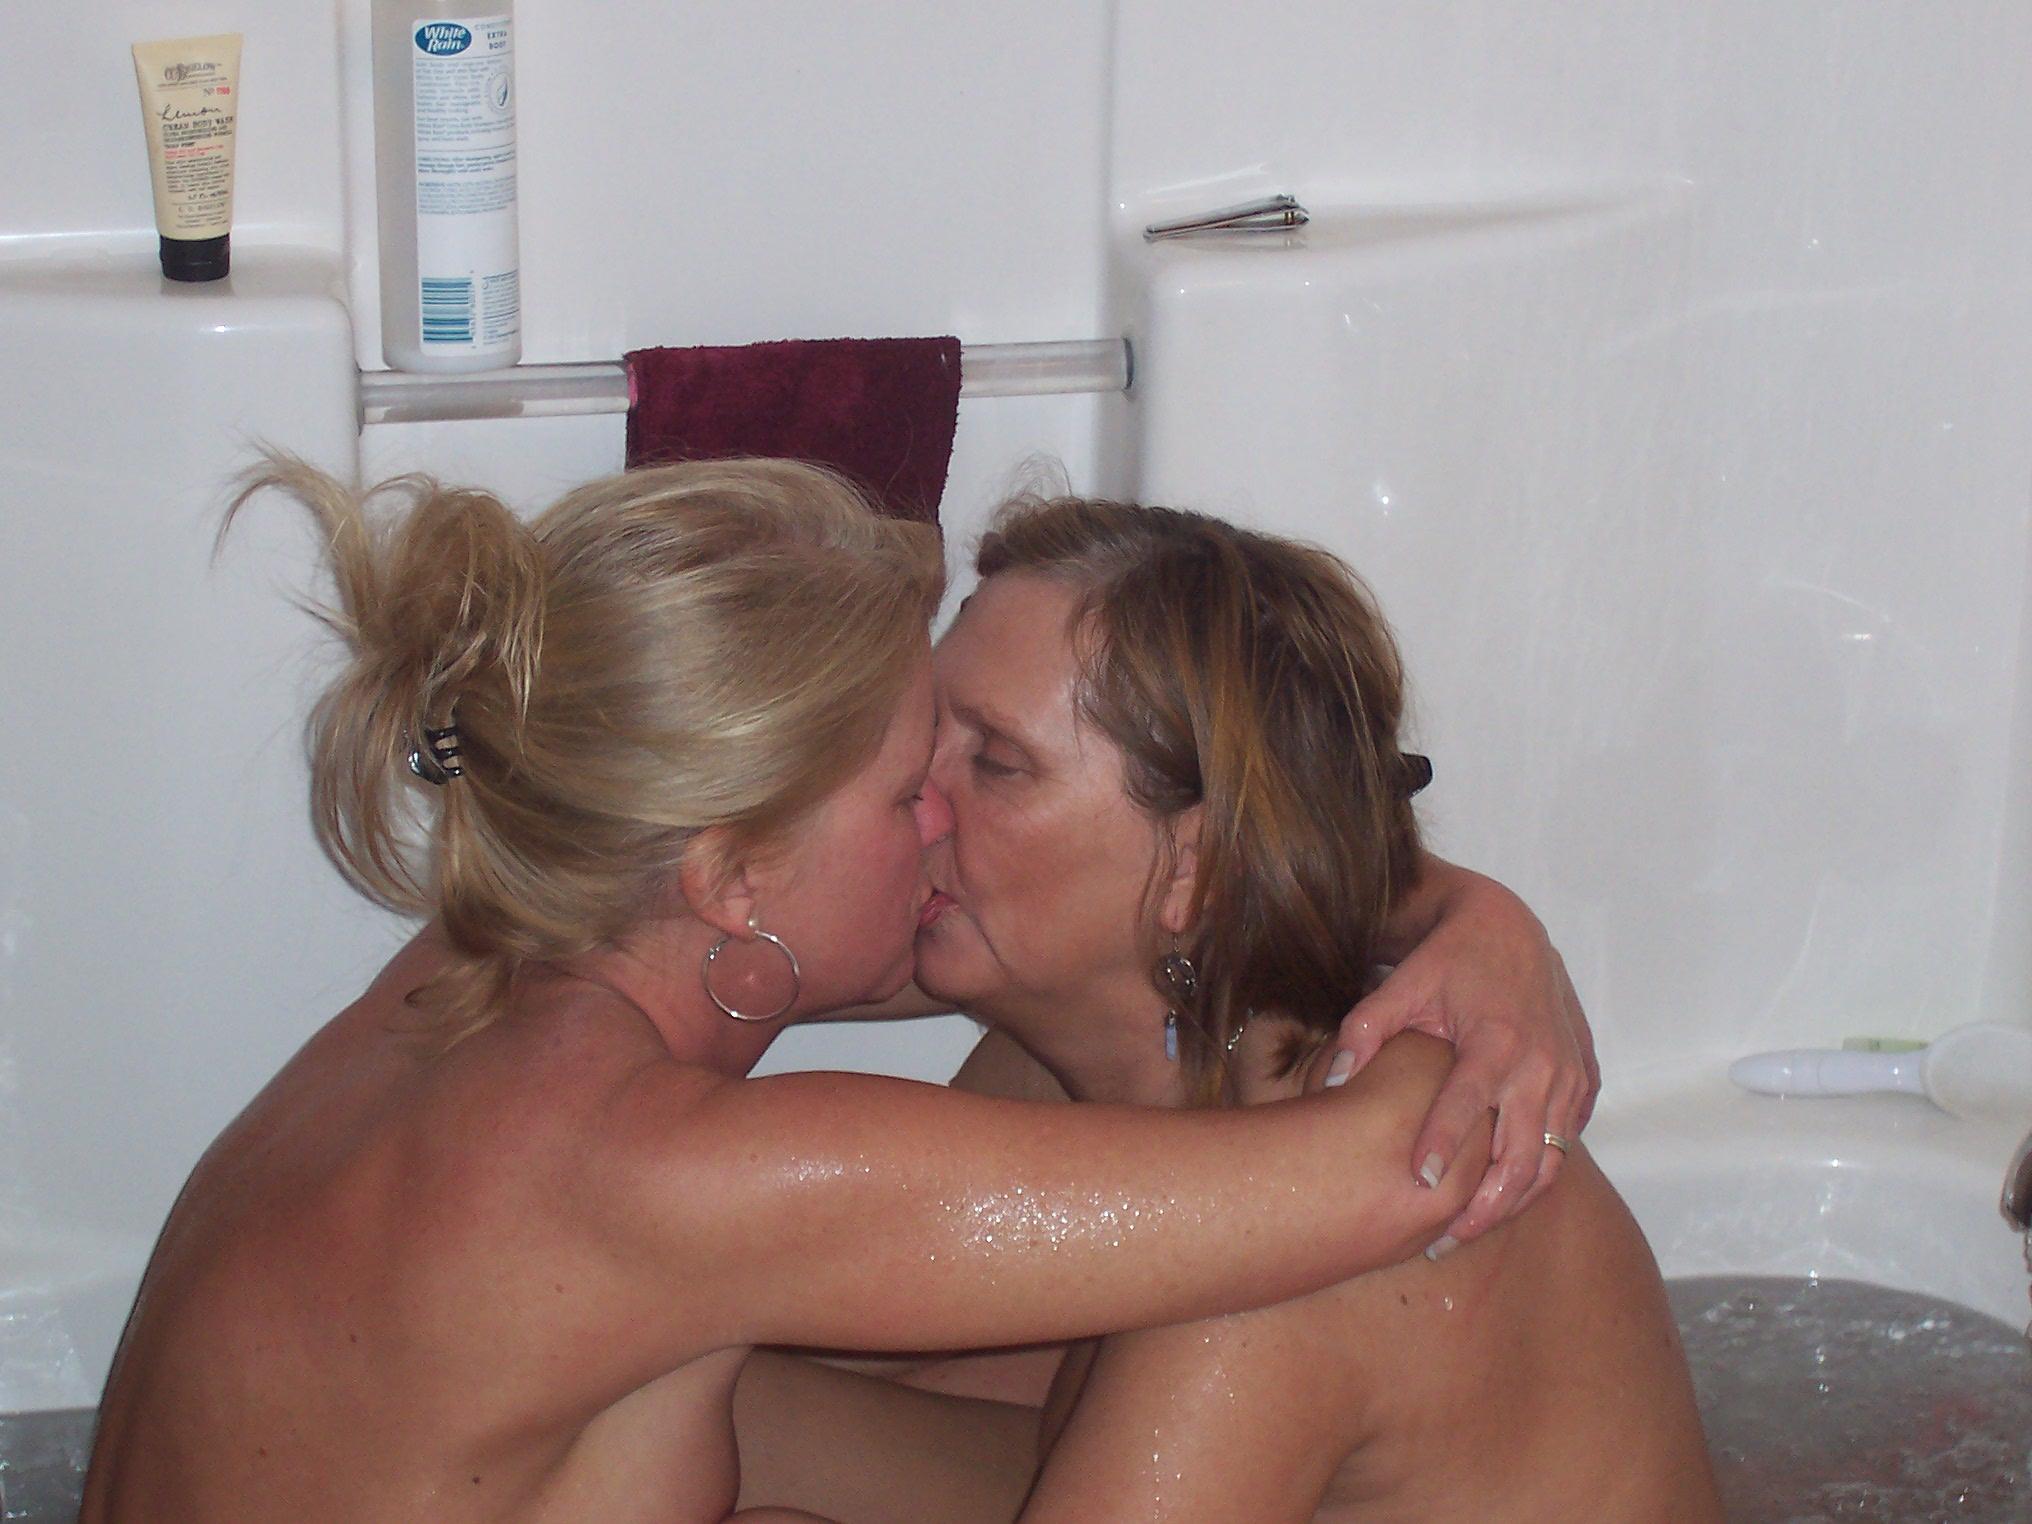 deux lesbiennes s'embrasse dans leur bain, ce sont des femmes matures qui aiment et recherches des mecs pour baiser